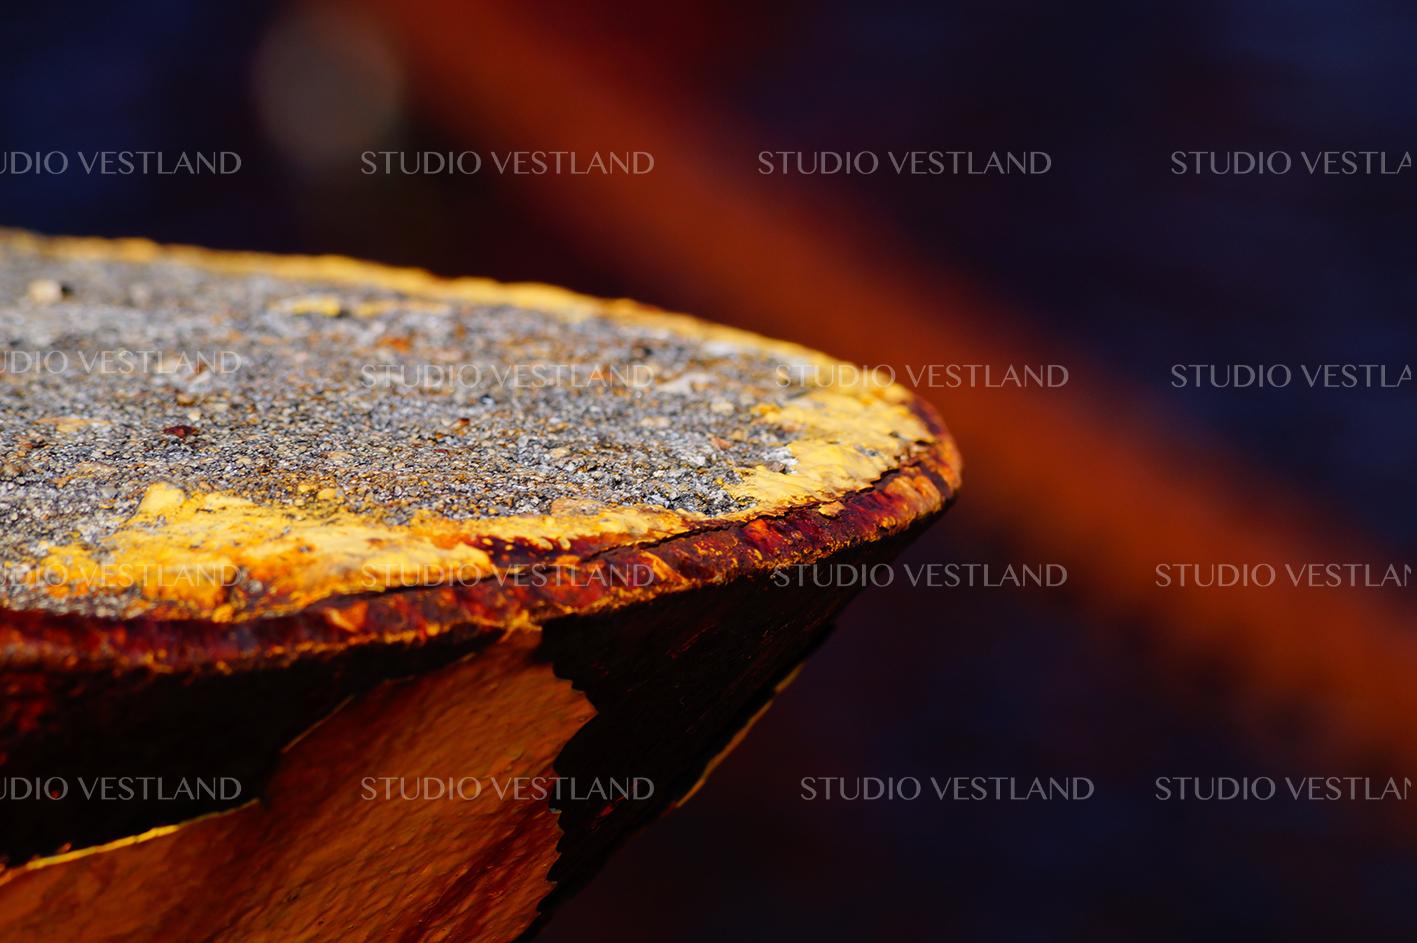 Studio Vestland - Pullert 11